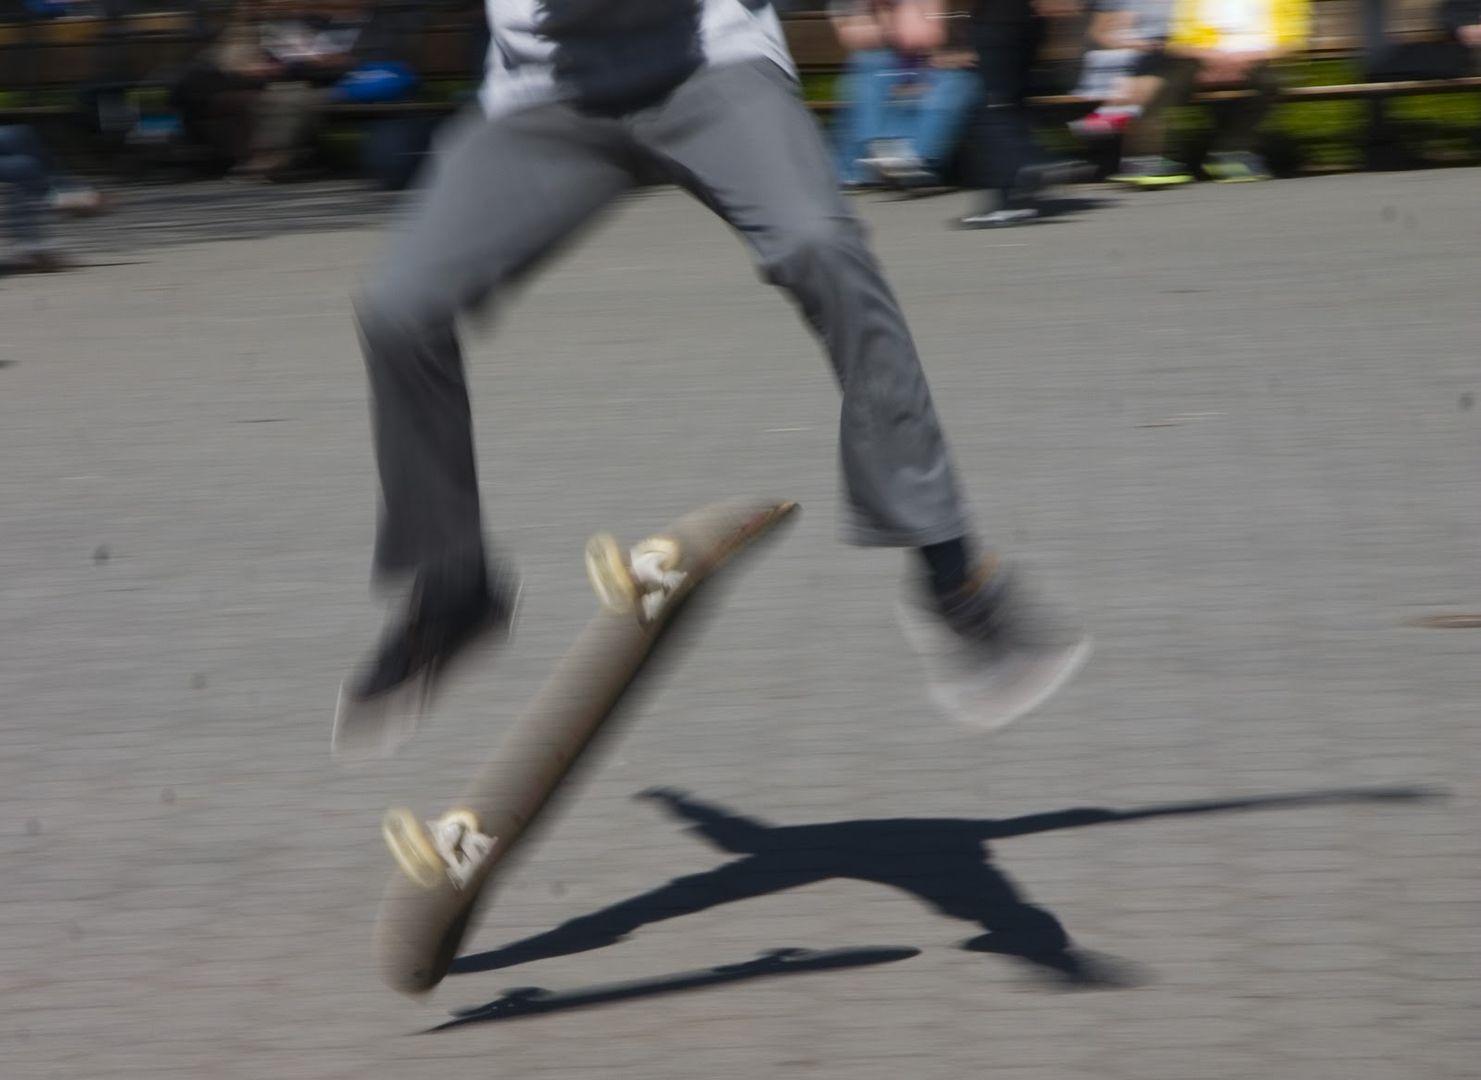 Skateboarding in Central Park 1